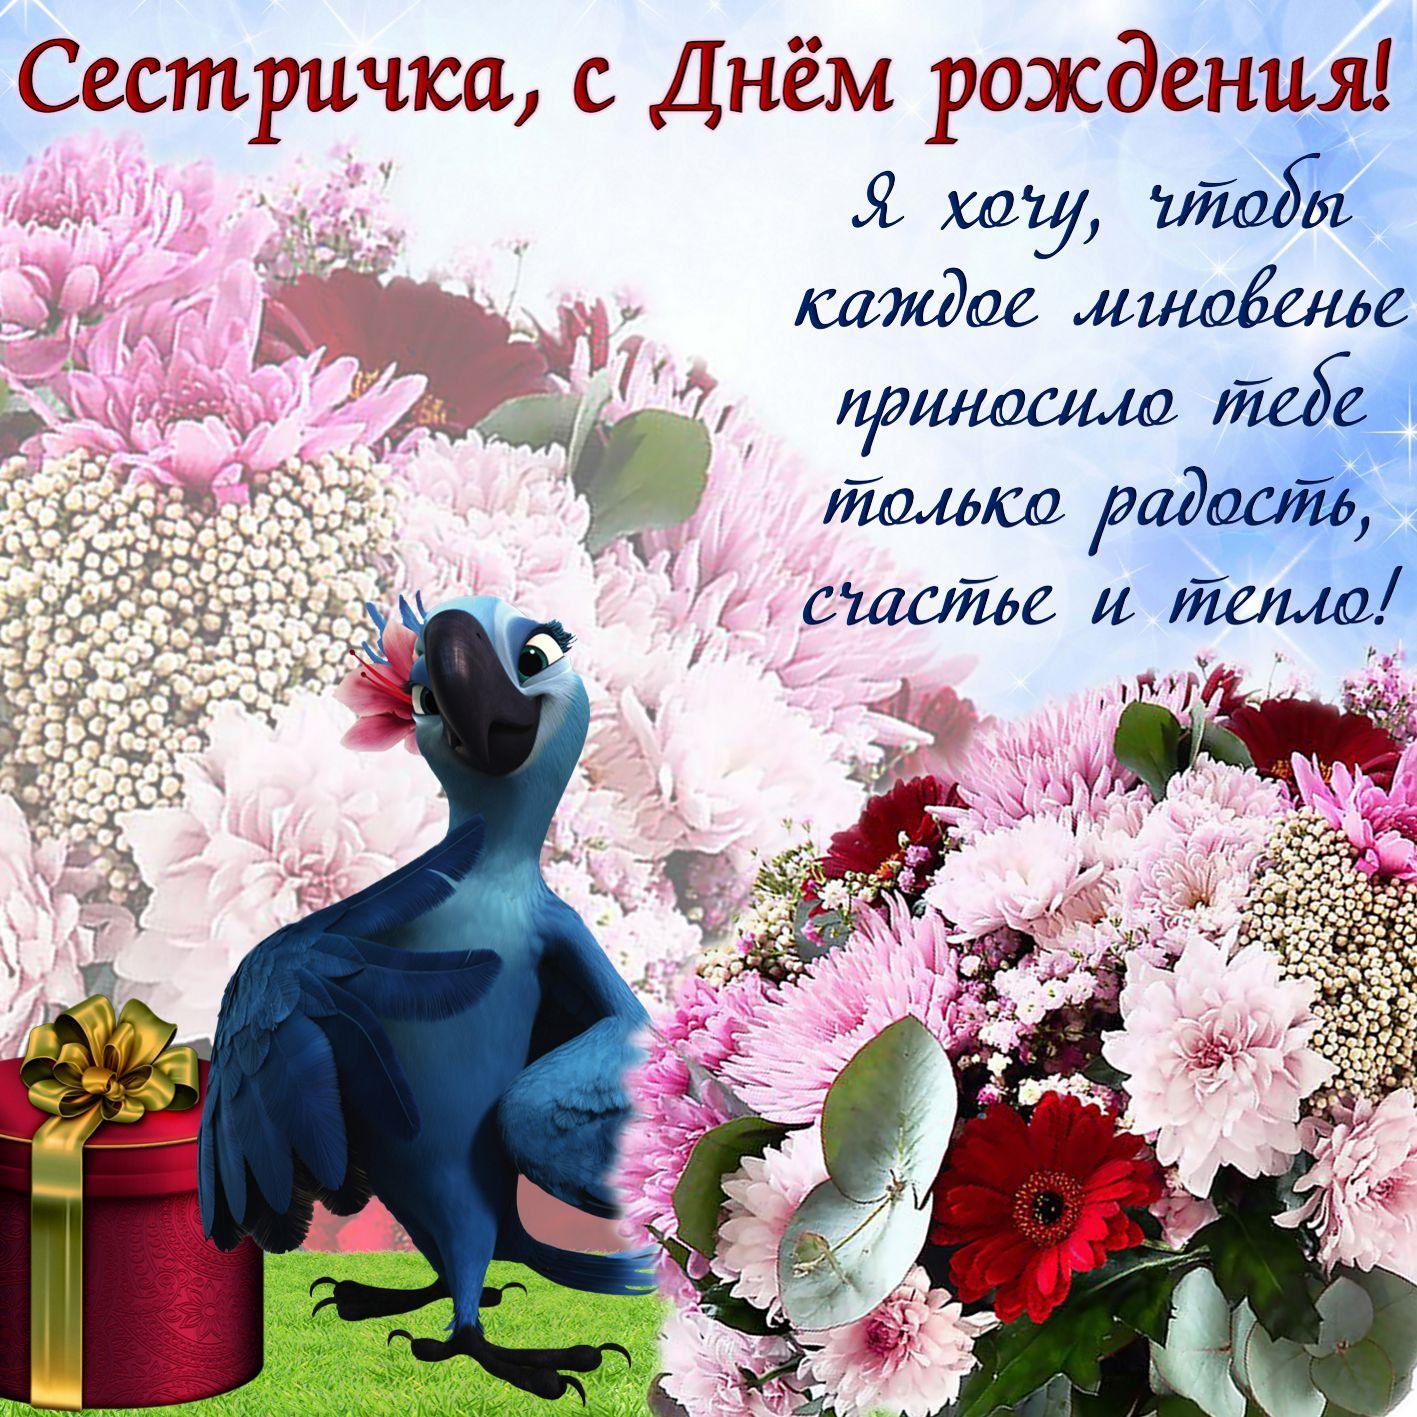 Поздравления для сестры с днем рождения с картинками, днем рождения открытки